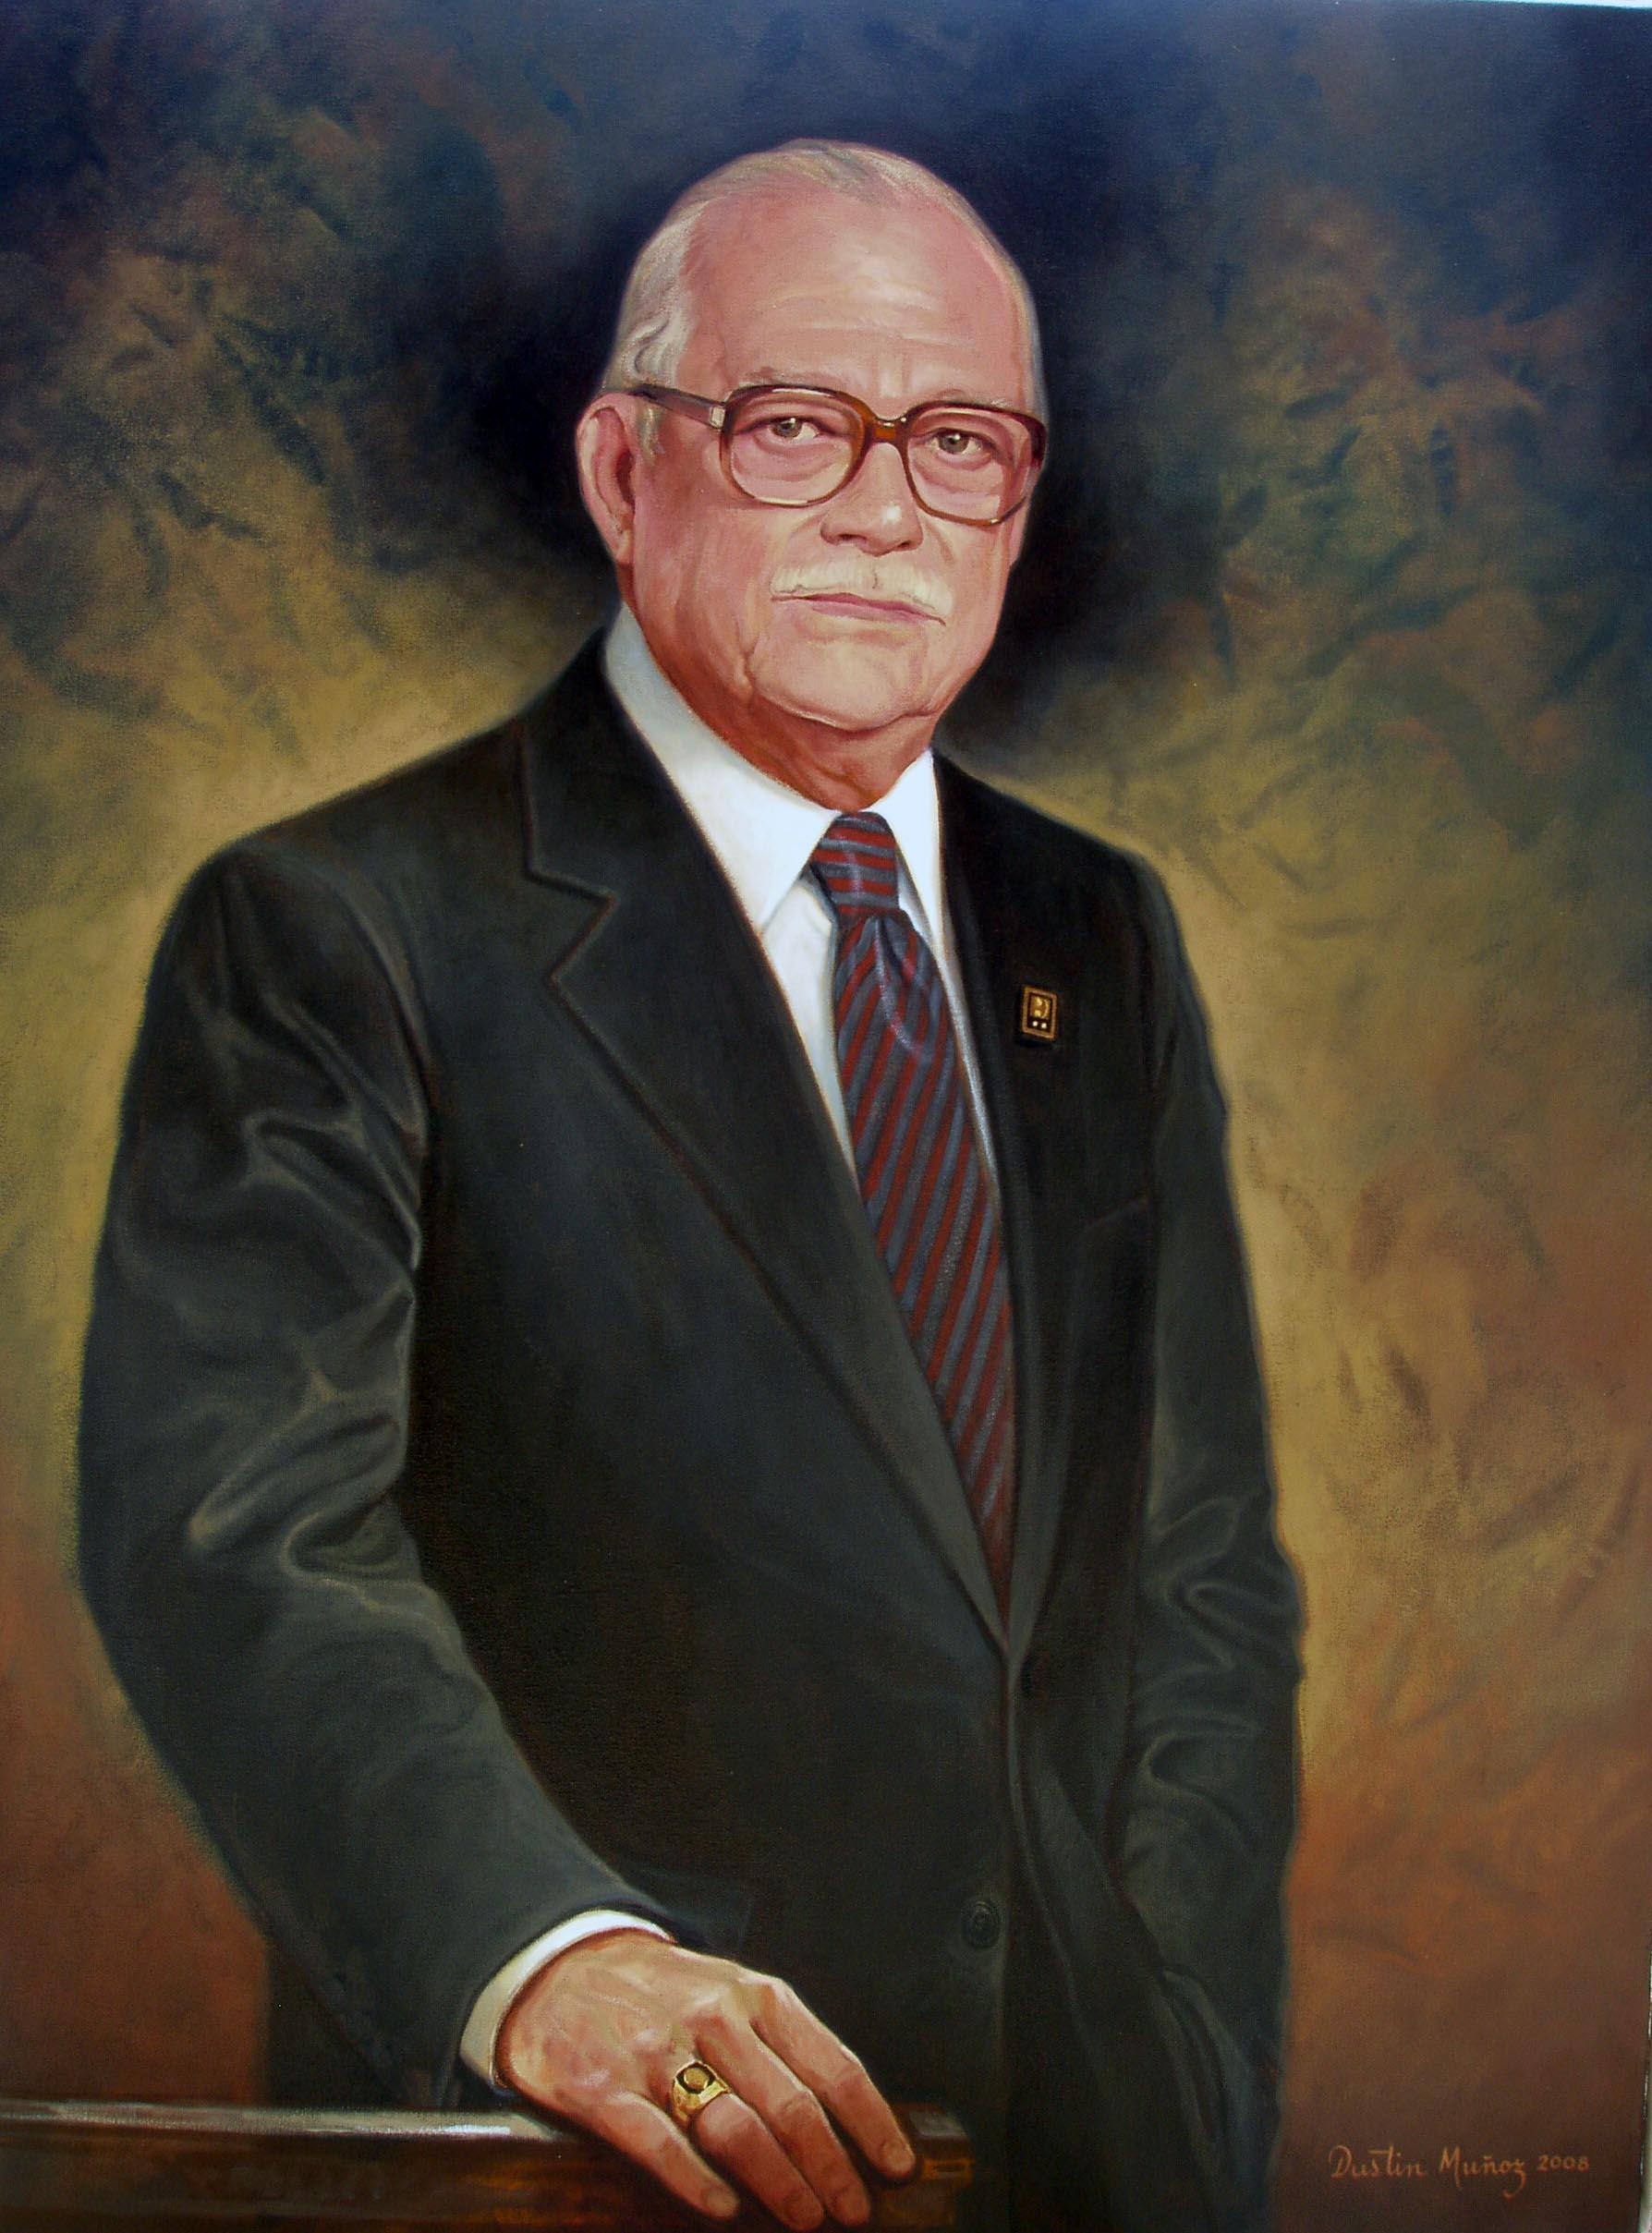 Retrato Sr Samuel Conde, Dustin Muñoz, 2008, Galería Expresidentes Grupo BHD